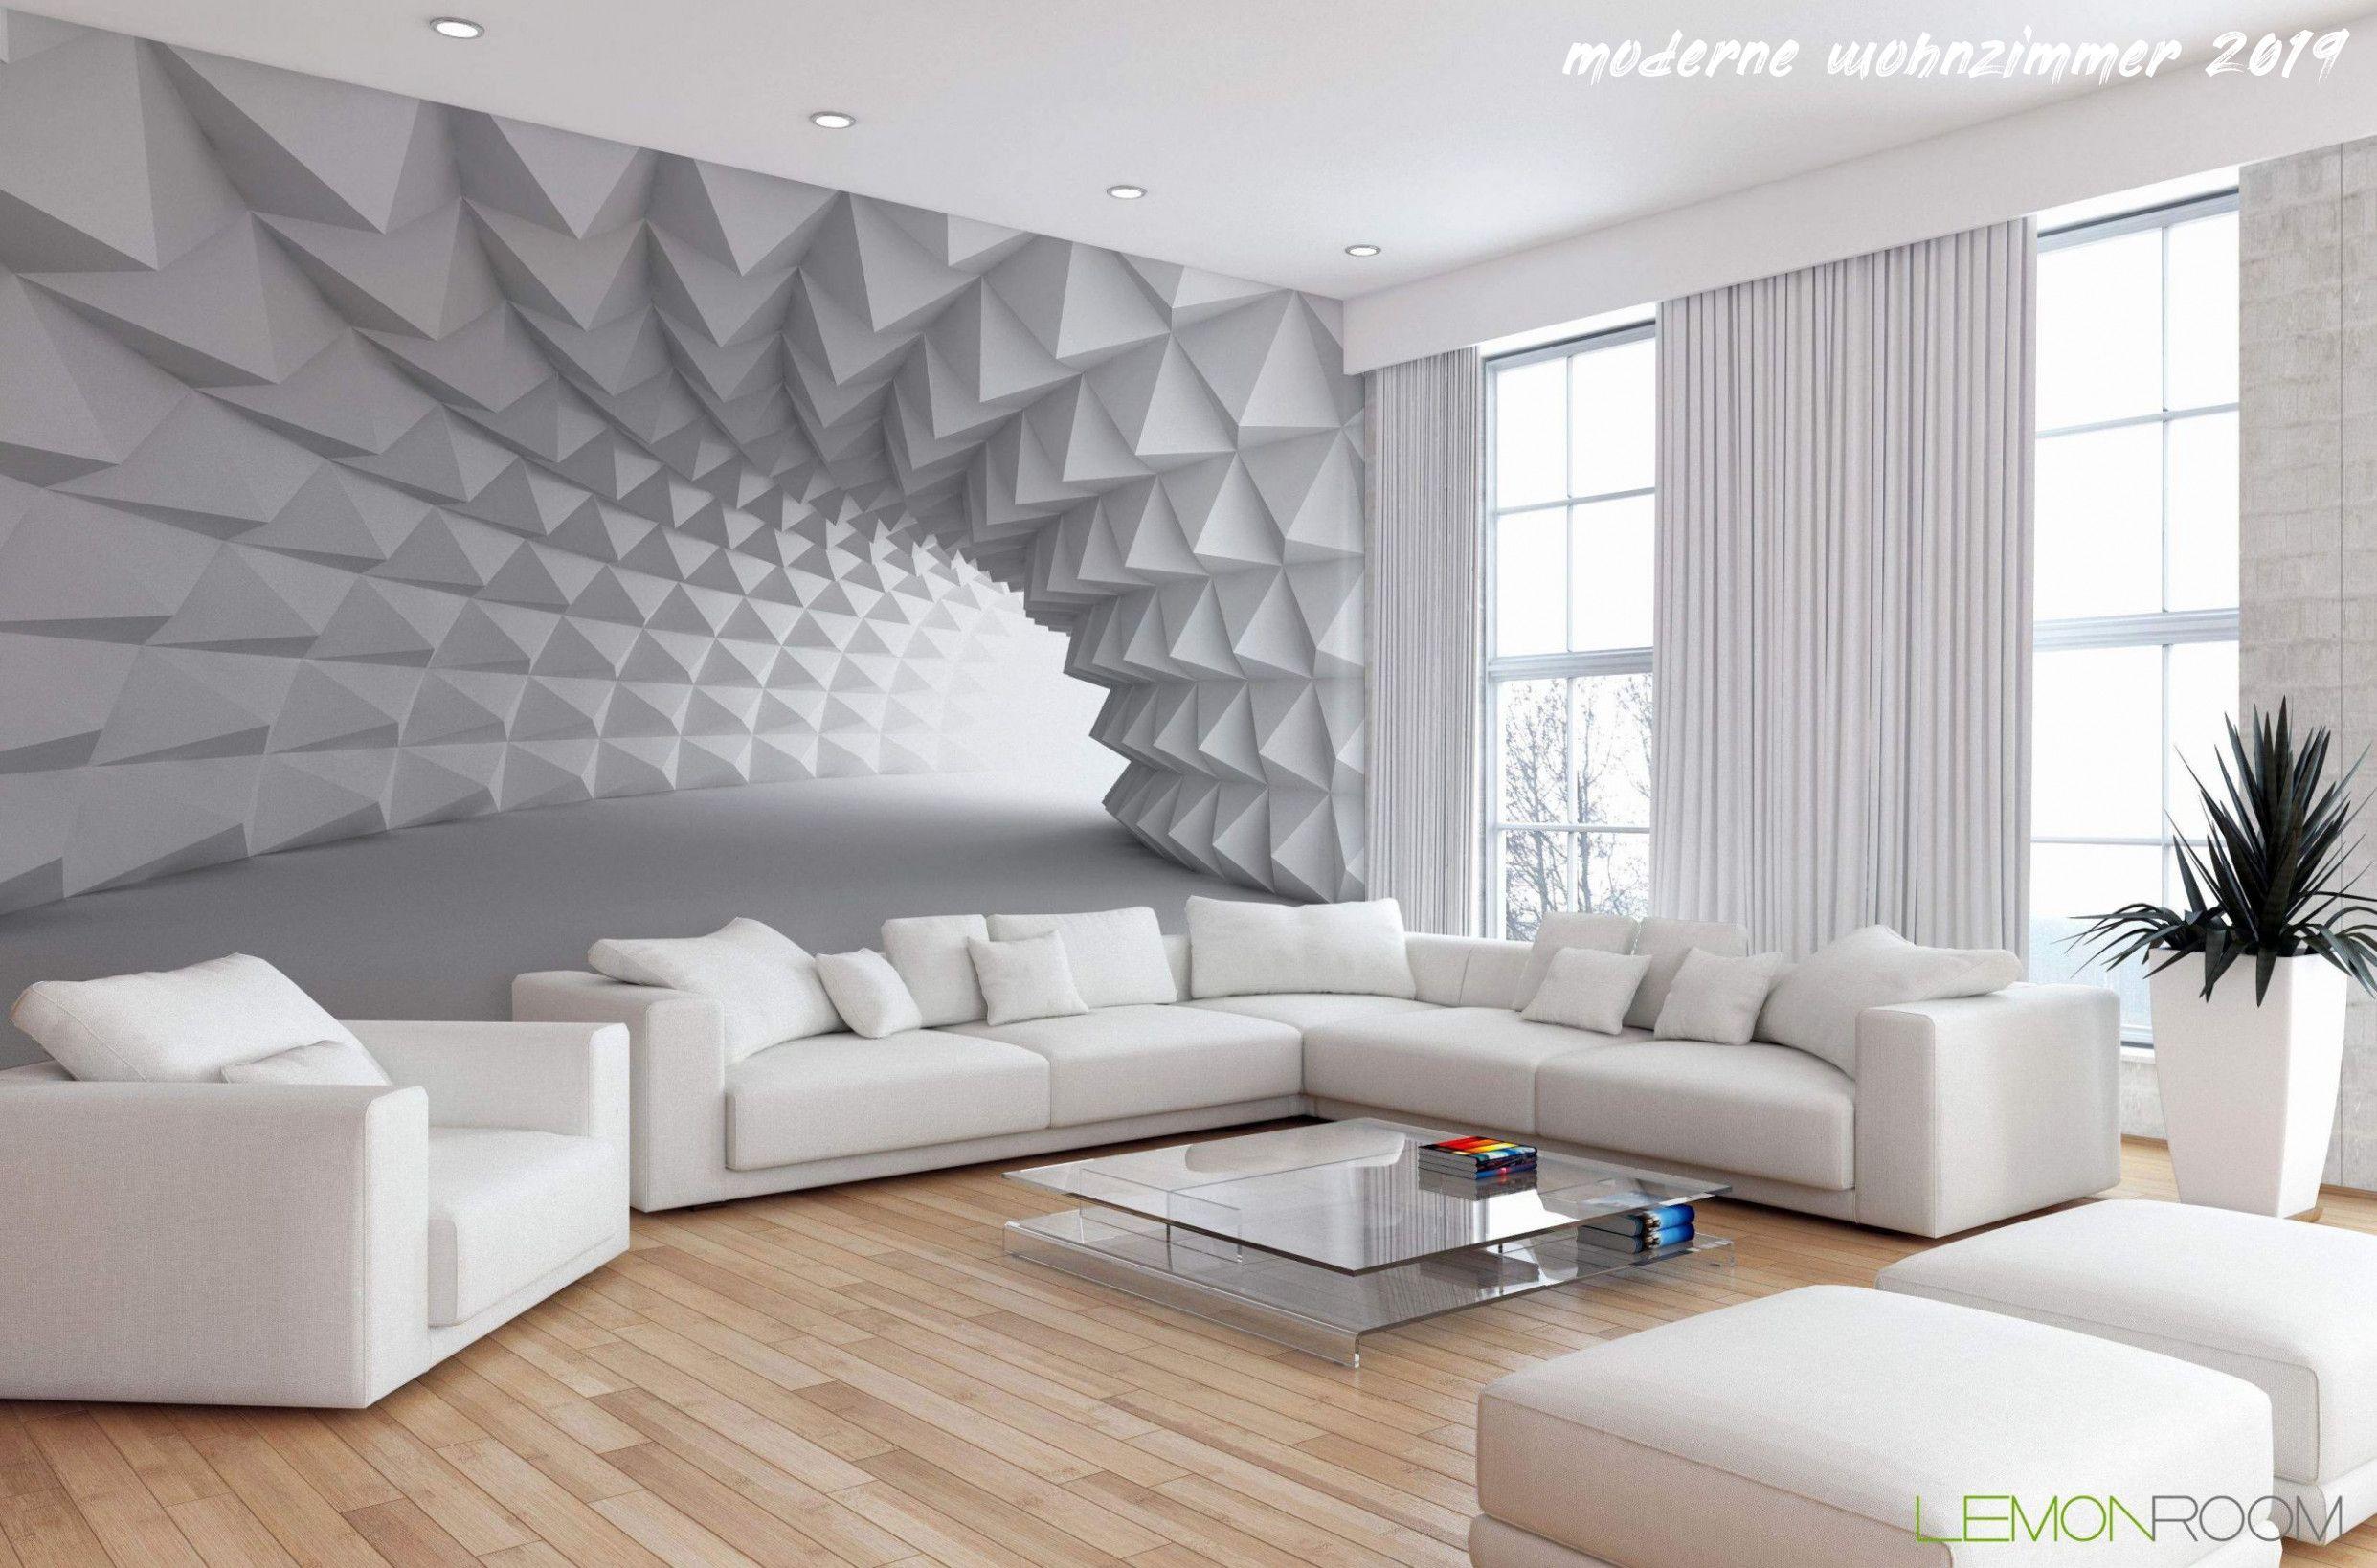 7 Moderne Wohnzimmer 2019 In 2020 Design Living Room Wallp